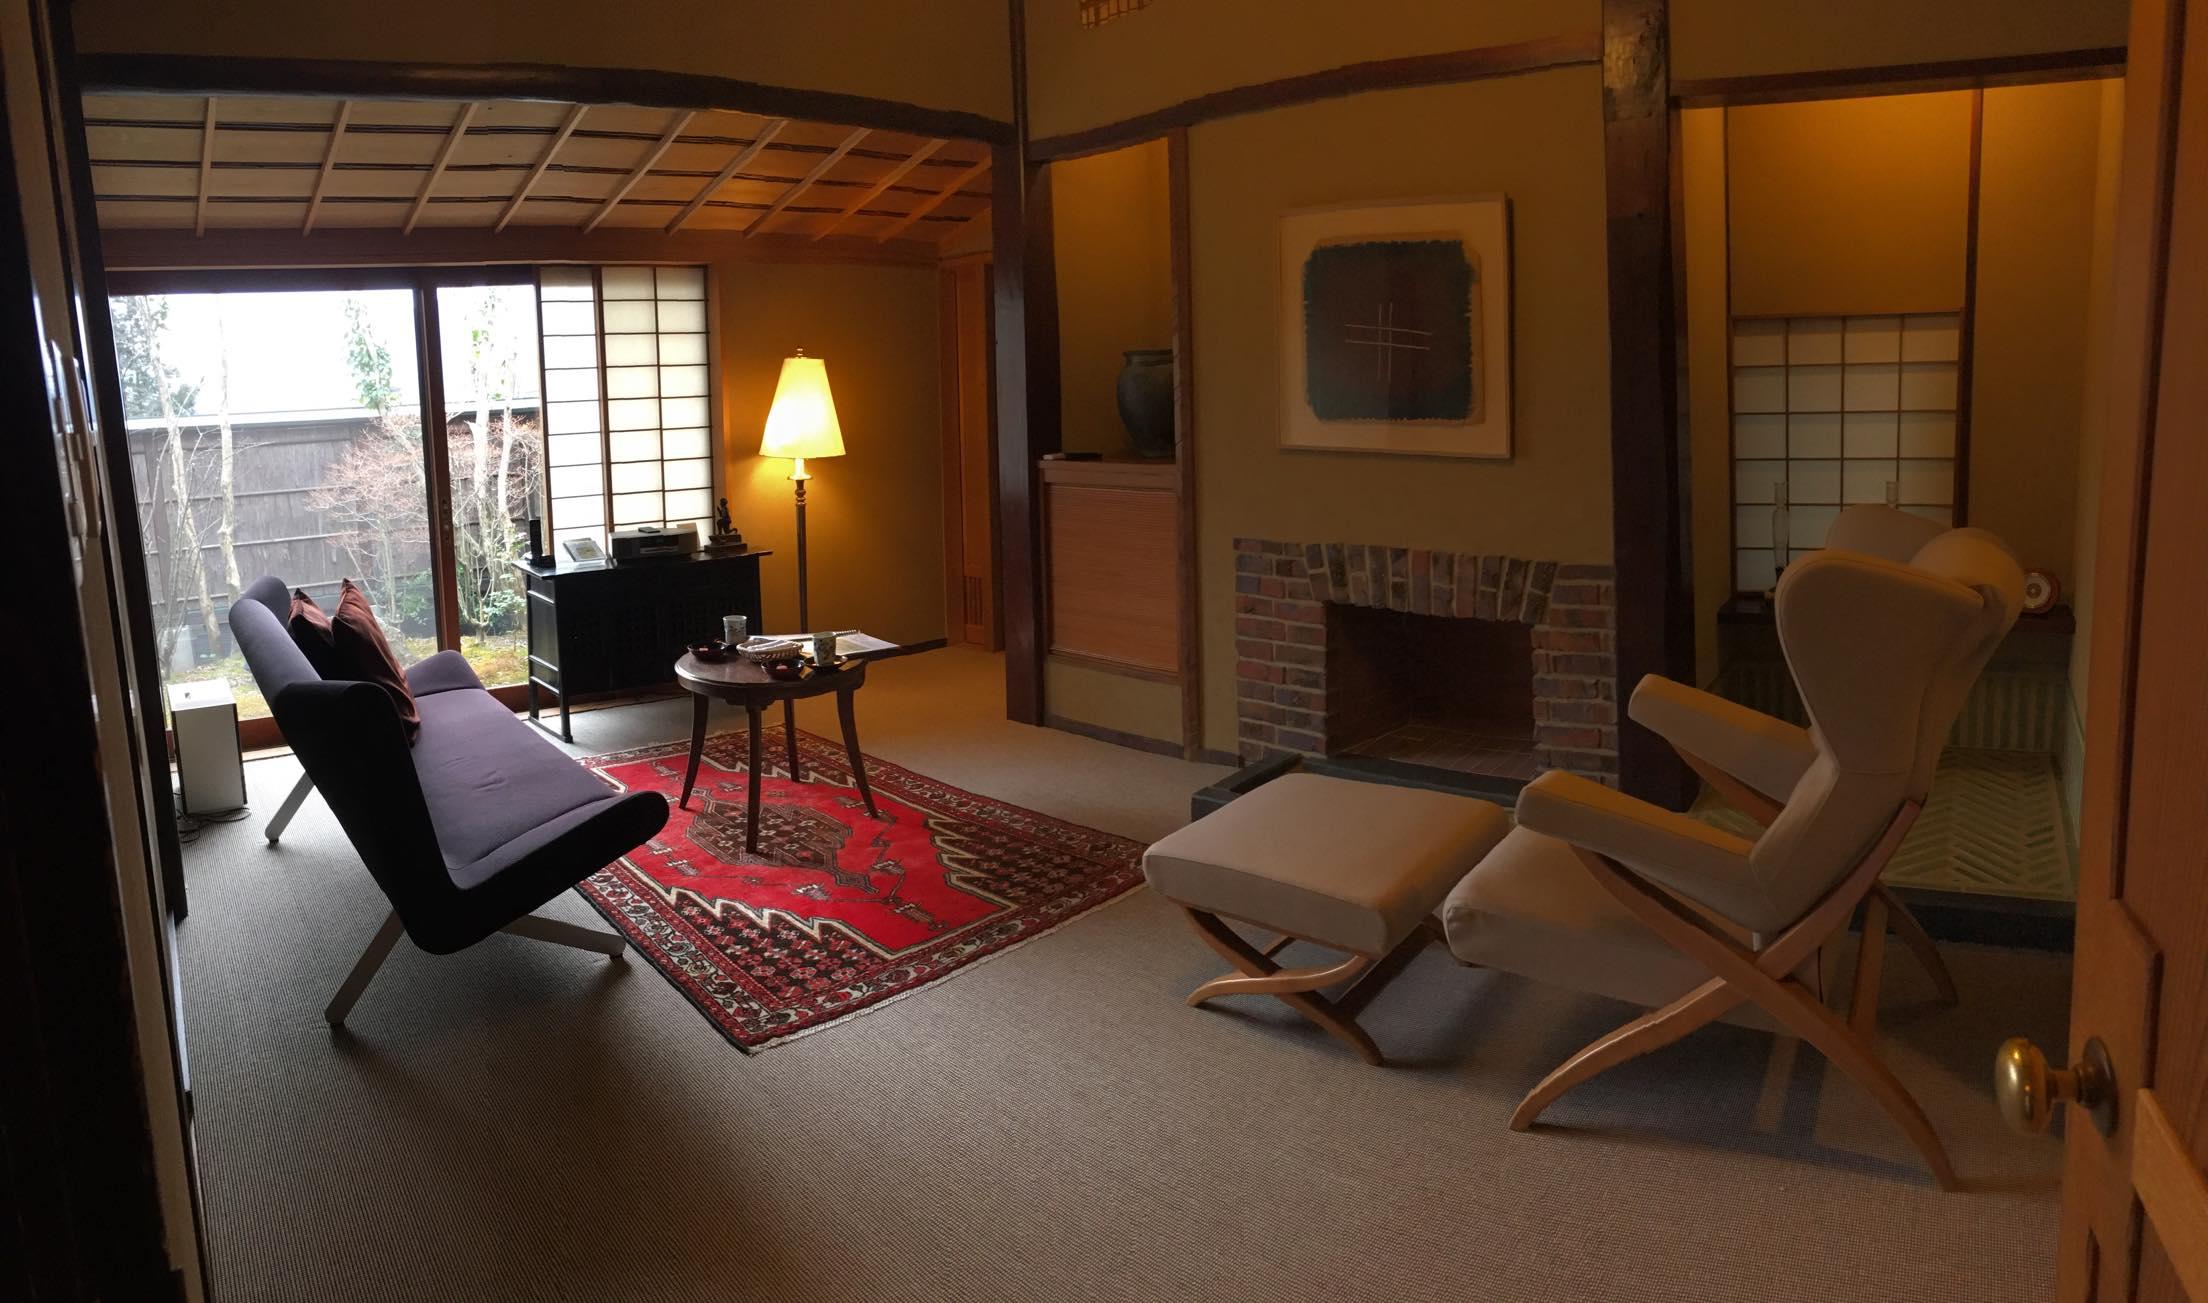 山莊無量塔「樂(Raku)」房型的起居室(客廳)全景